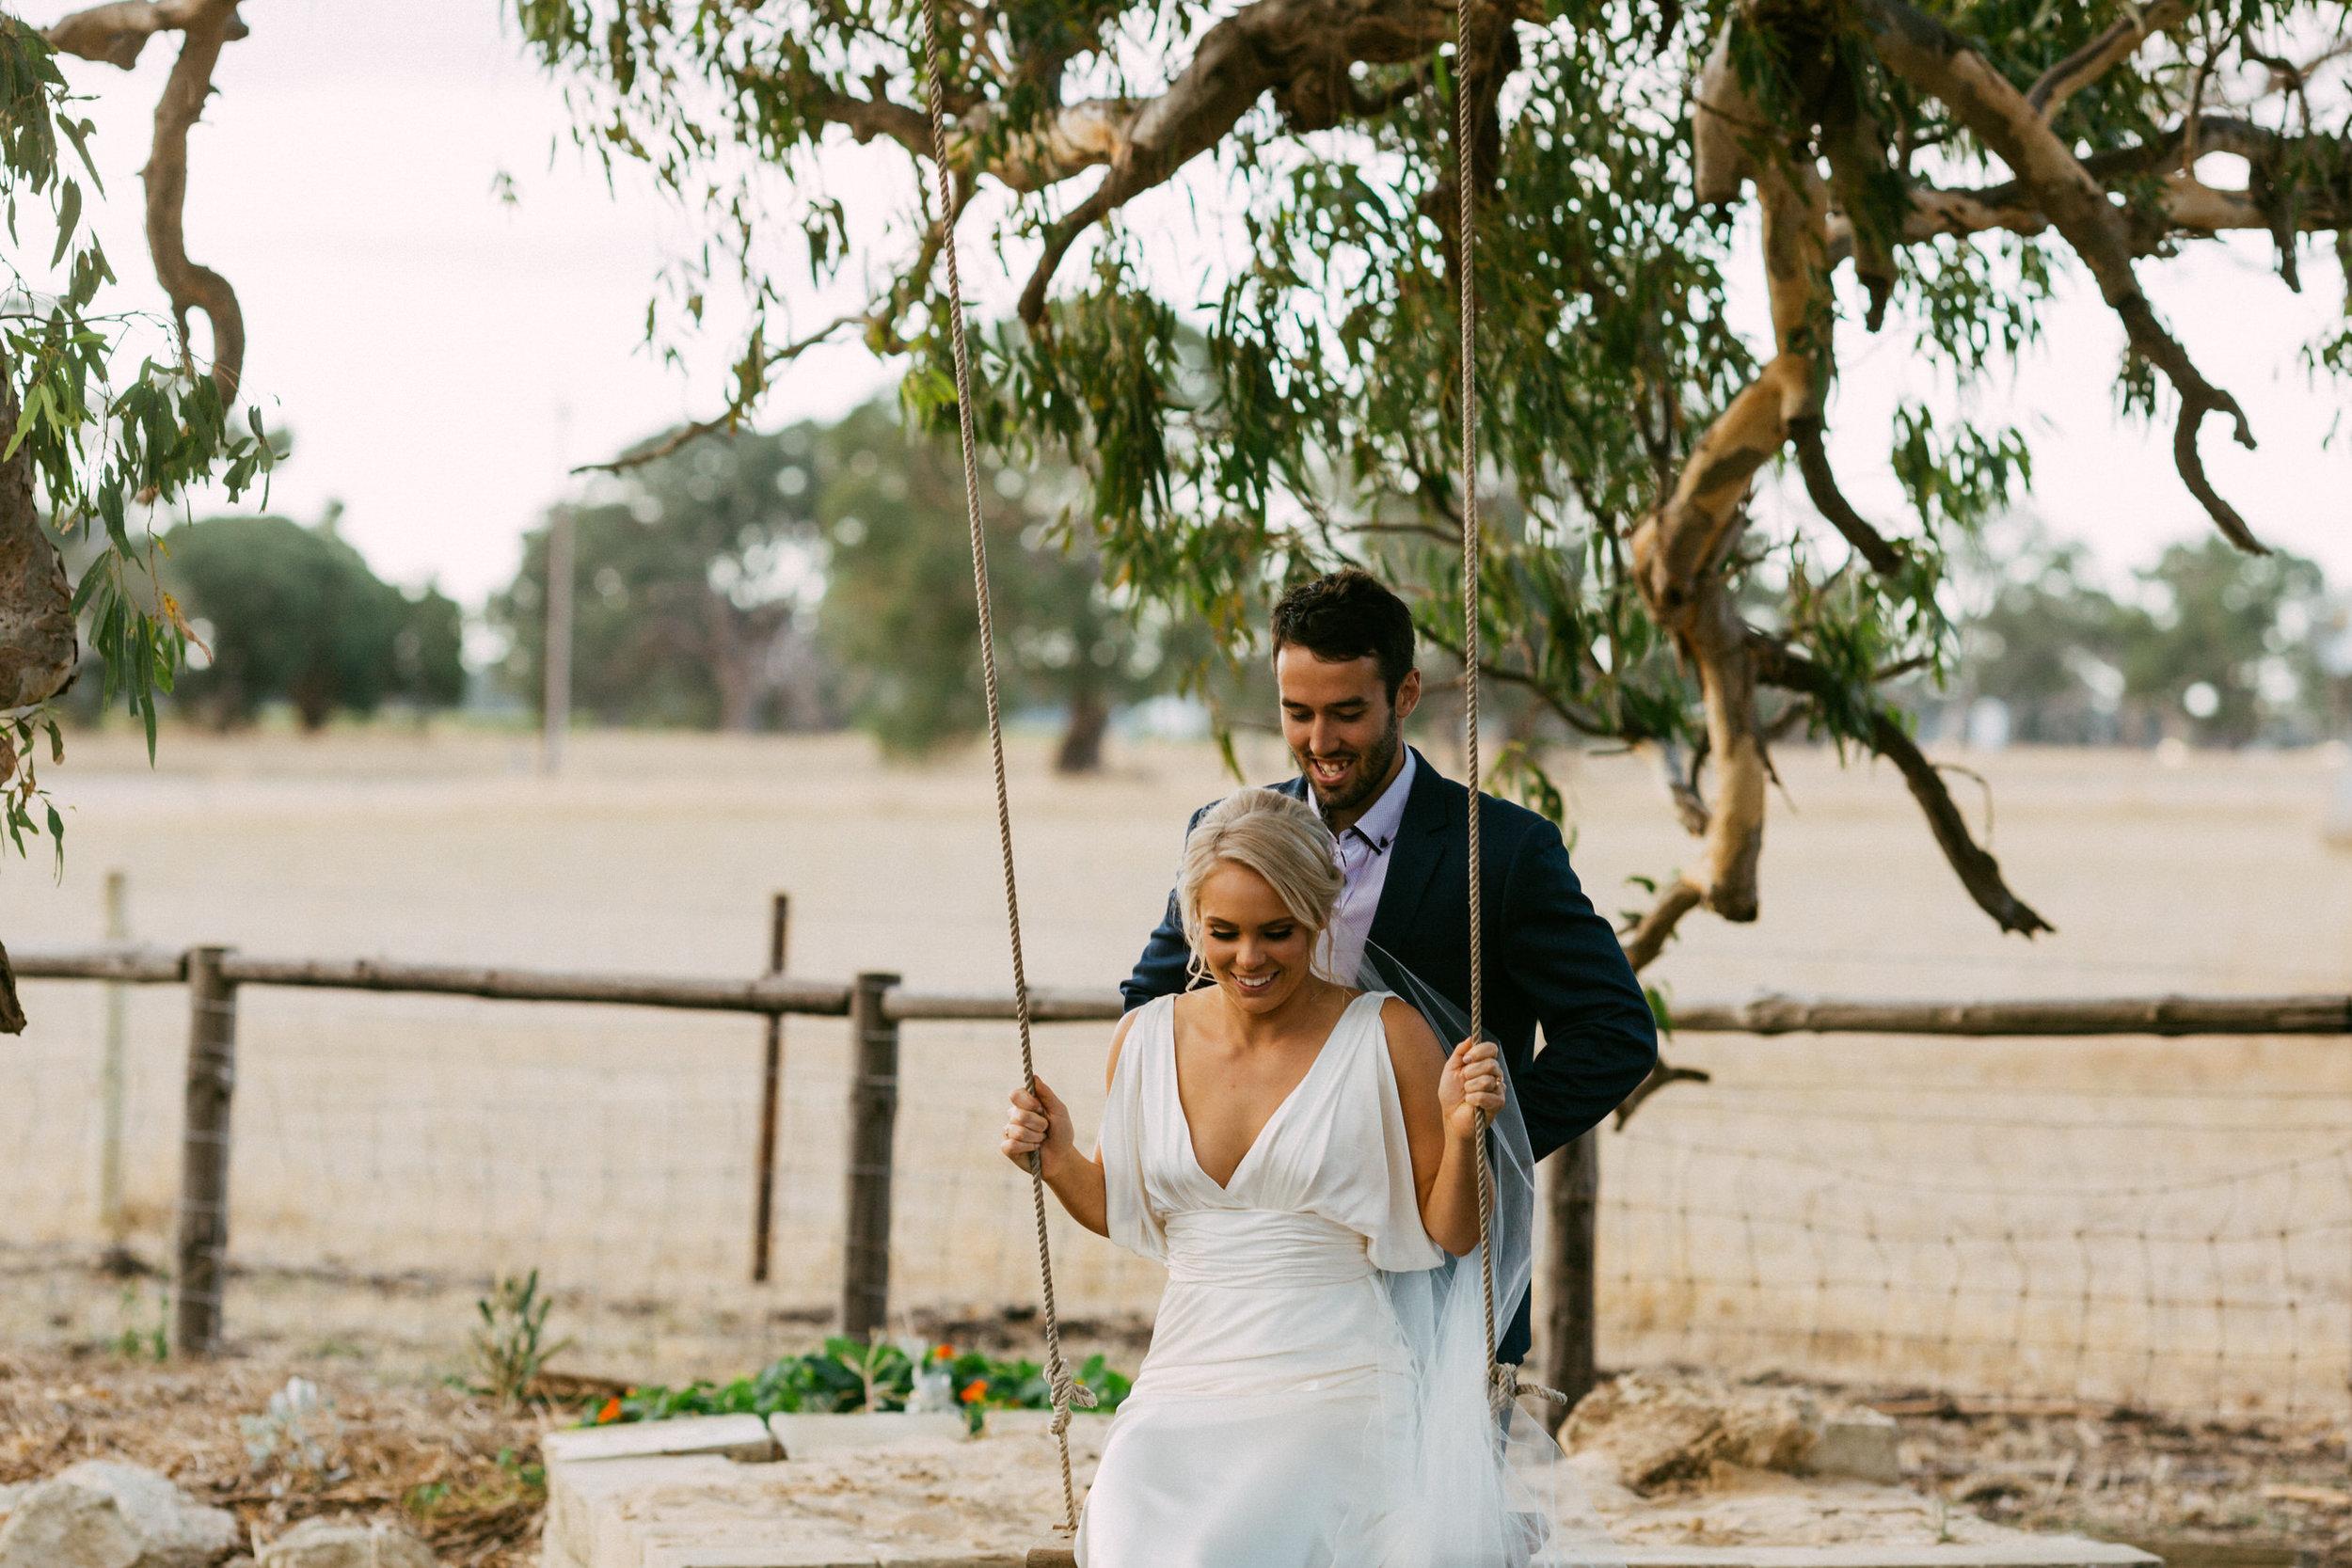 Coonawarra Elopement South Australia 061.jpg